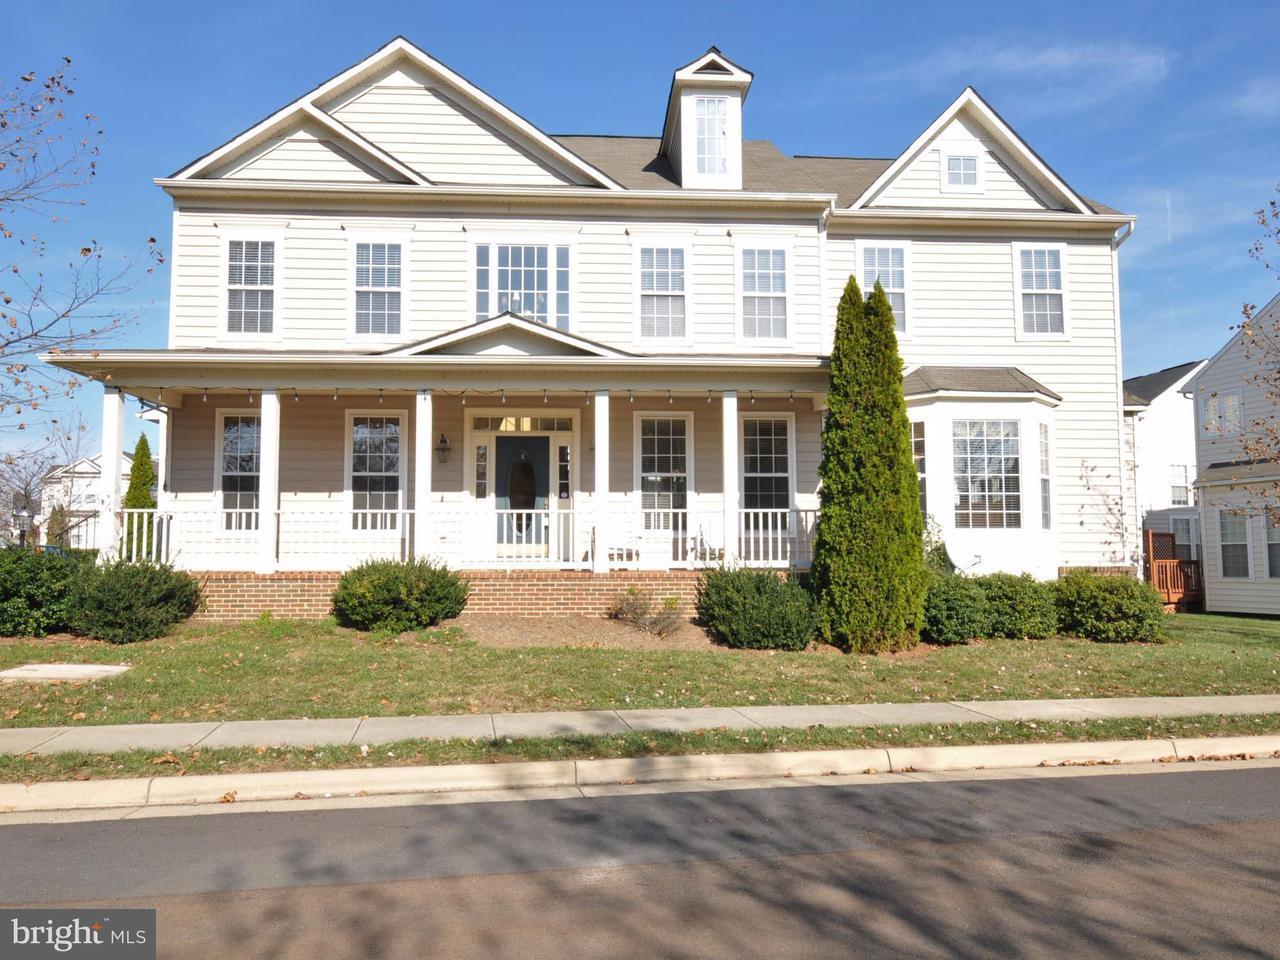 Casa Unifamiliar por un Venta en 43206 ARBOR GREENE WAY 43206 ARBOR GREENE WAY Broadlands, Virginia 20148 Estados Unidos